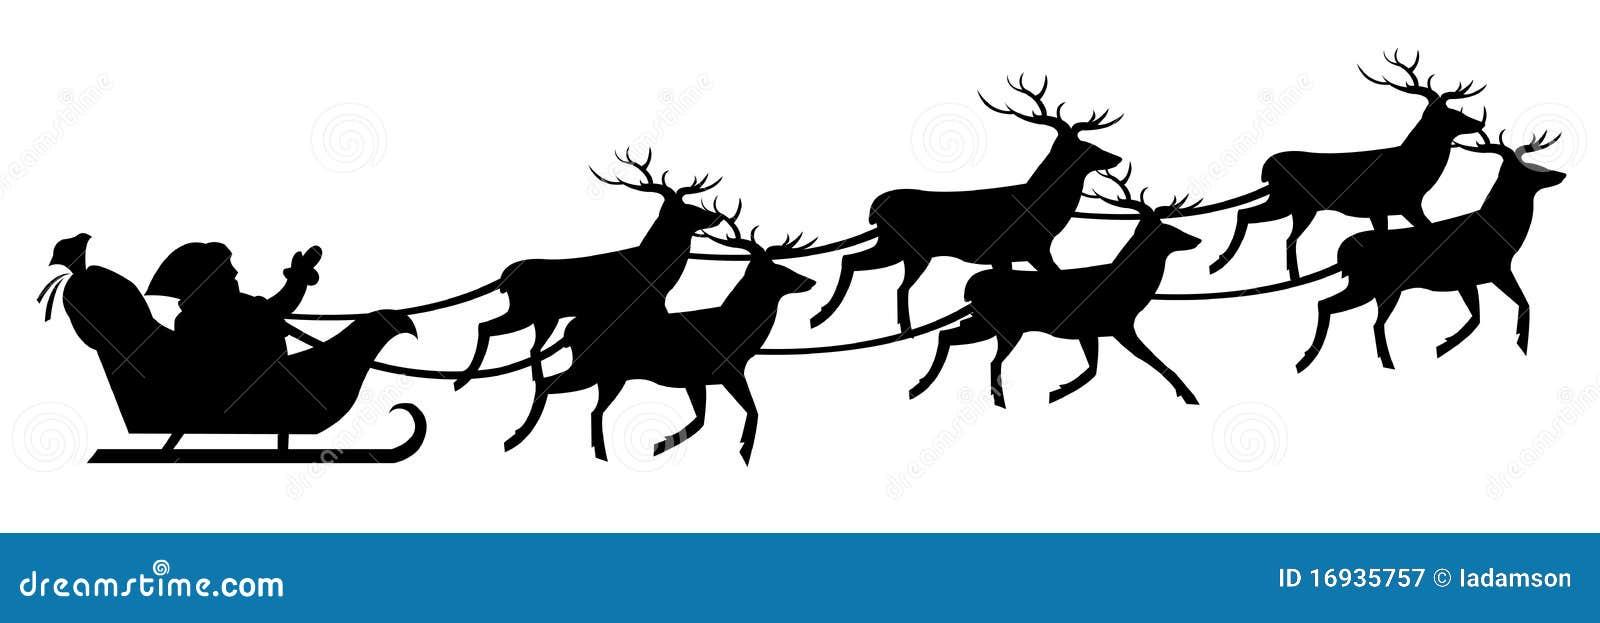 Santa Claus On Sledge. Vector